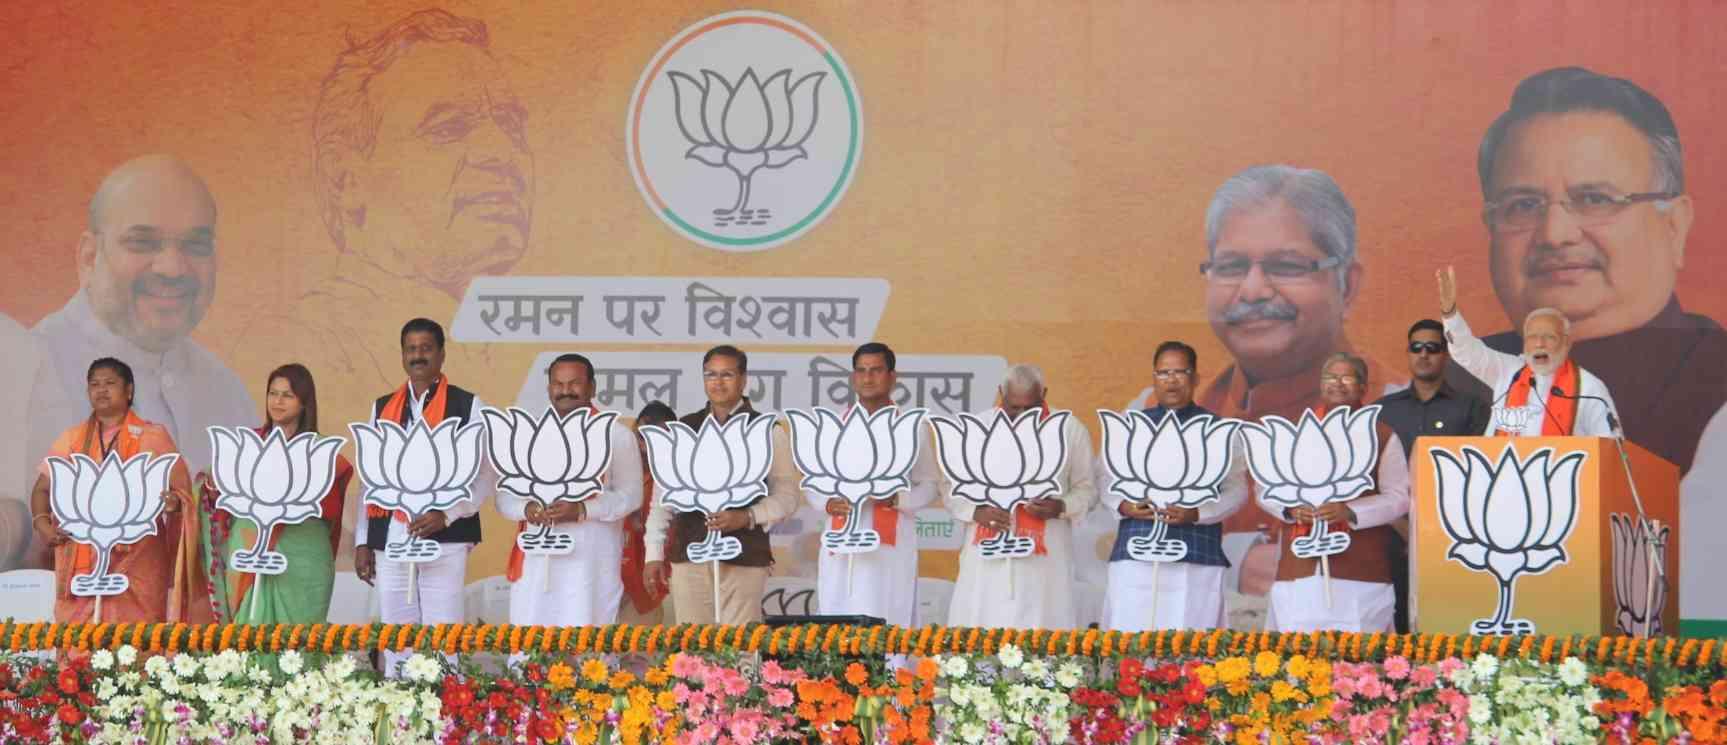 पार्टी उम्मीदवारों के साथ नरेंद्र मोदी